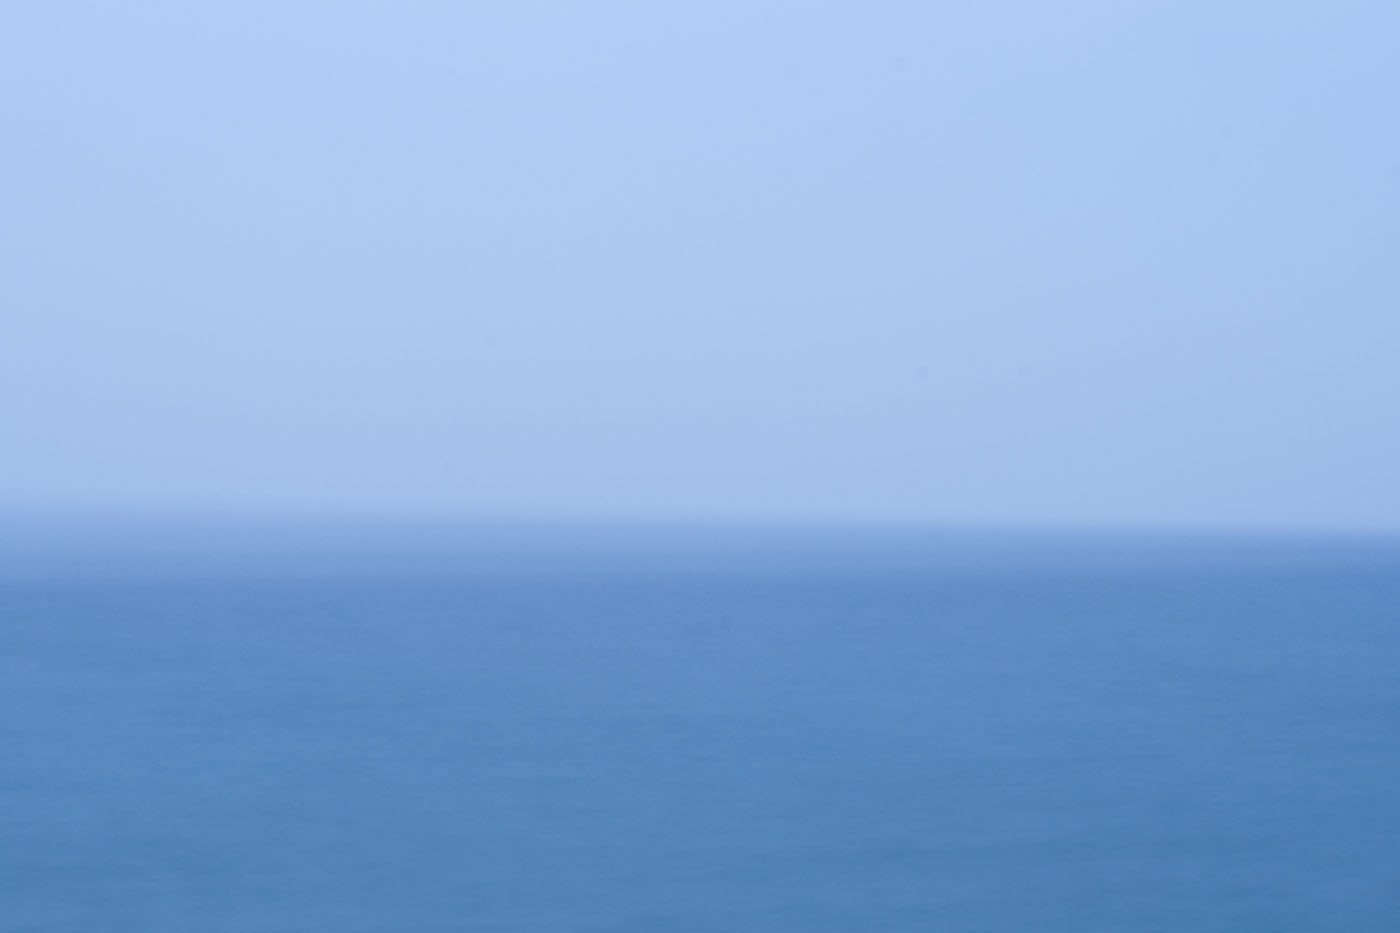 bluecolourfield copy1400.jpg